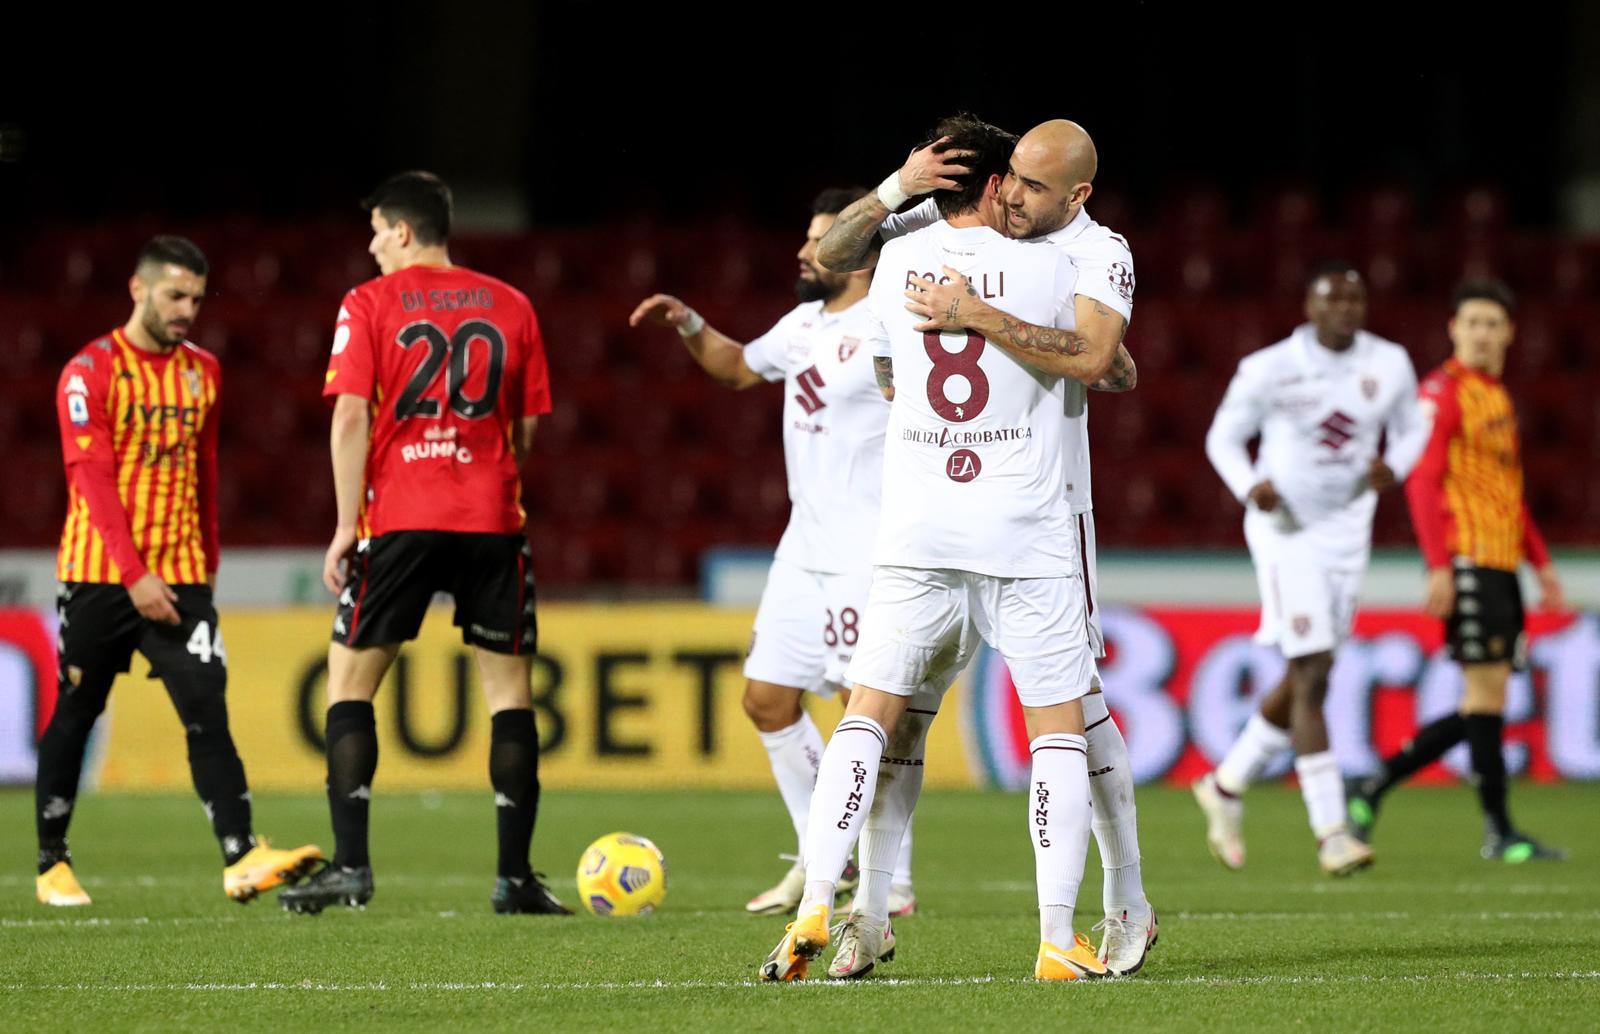 Benevento-Torino 2-2: Zaza beffa Inzaghi al 93', sorride Nicola